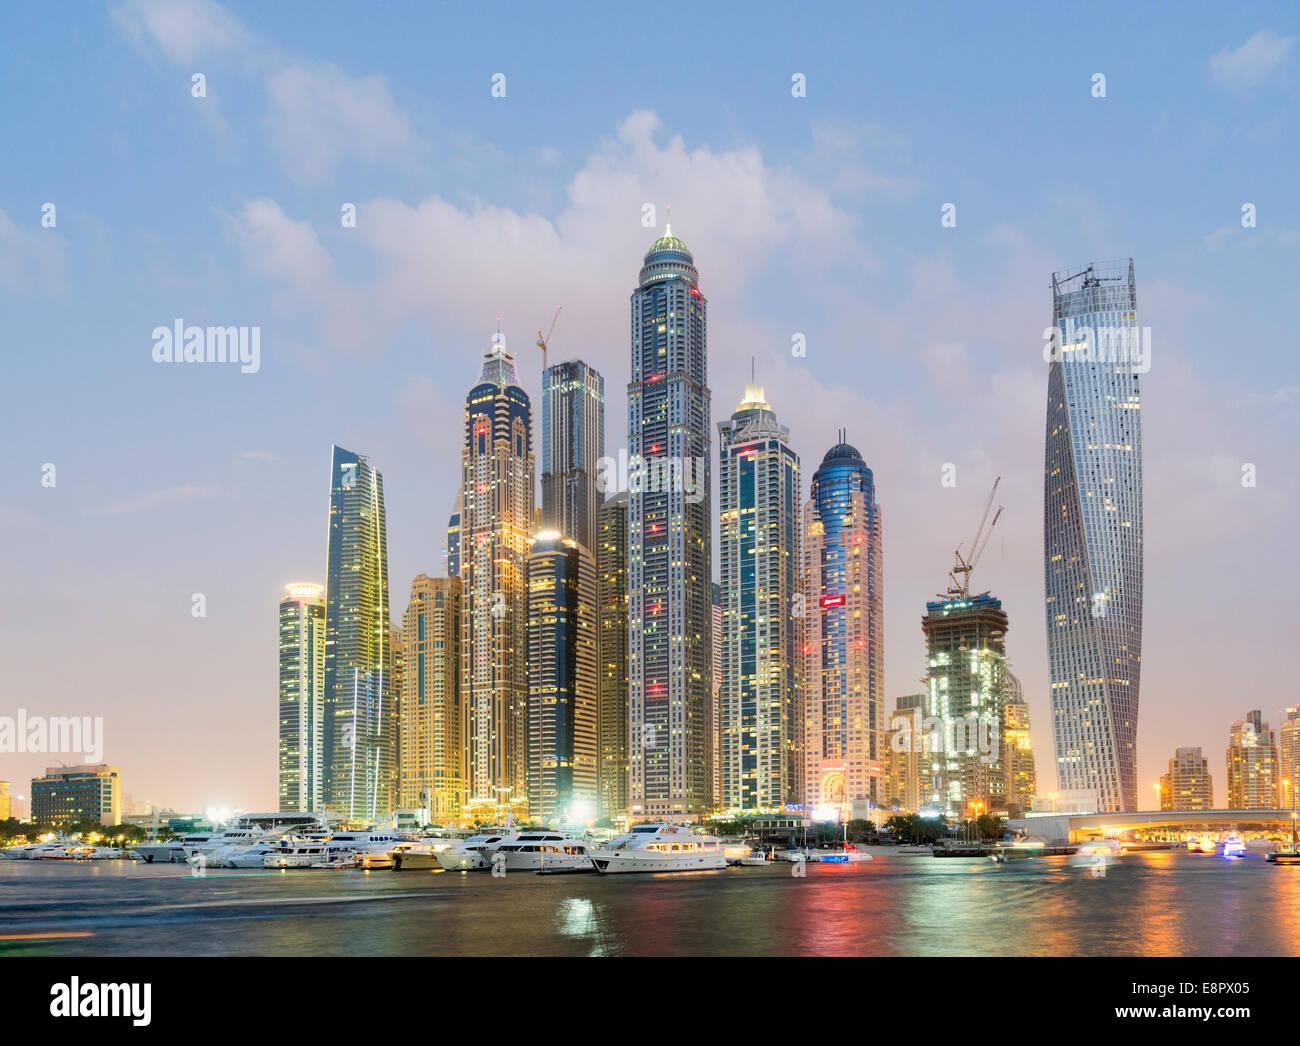 Skyline at Dusk de gratte-ciel du quartier du port de plaisance de Dubaï Émirats Arabes Unis Photo Stock